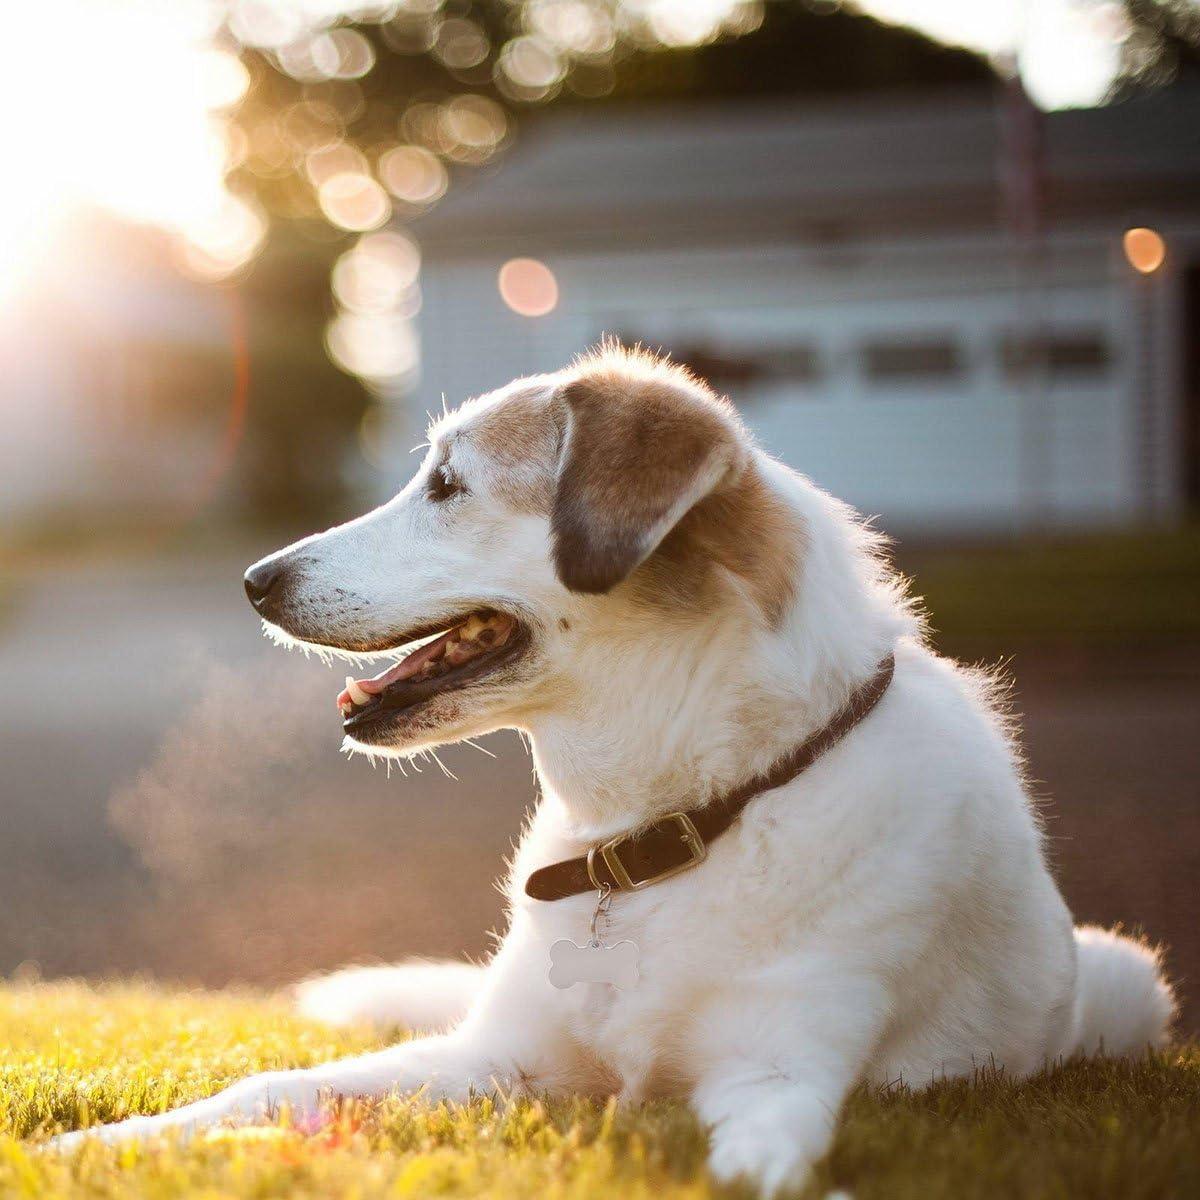 Siebenmorgen Knochen Personalisiert Haustier ID Tag Hund Tag mit Gravur Service Hundemarke Anhaenger aus Edelstahl